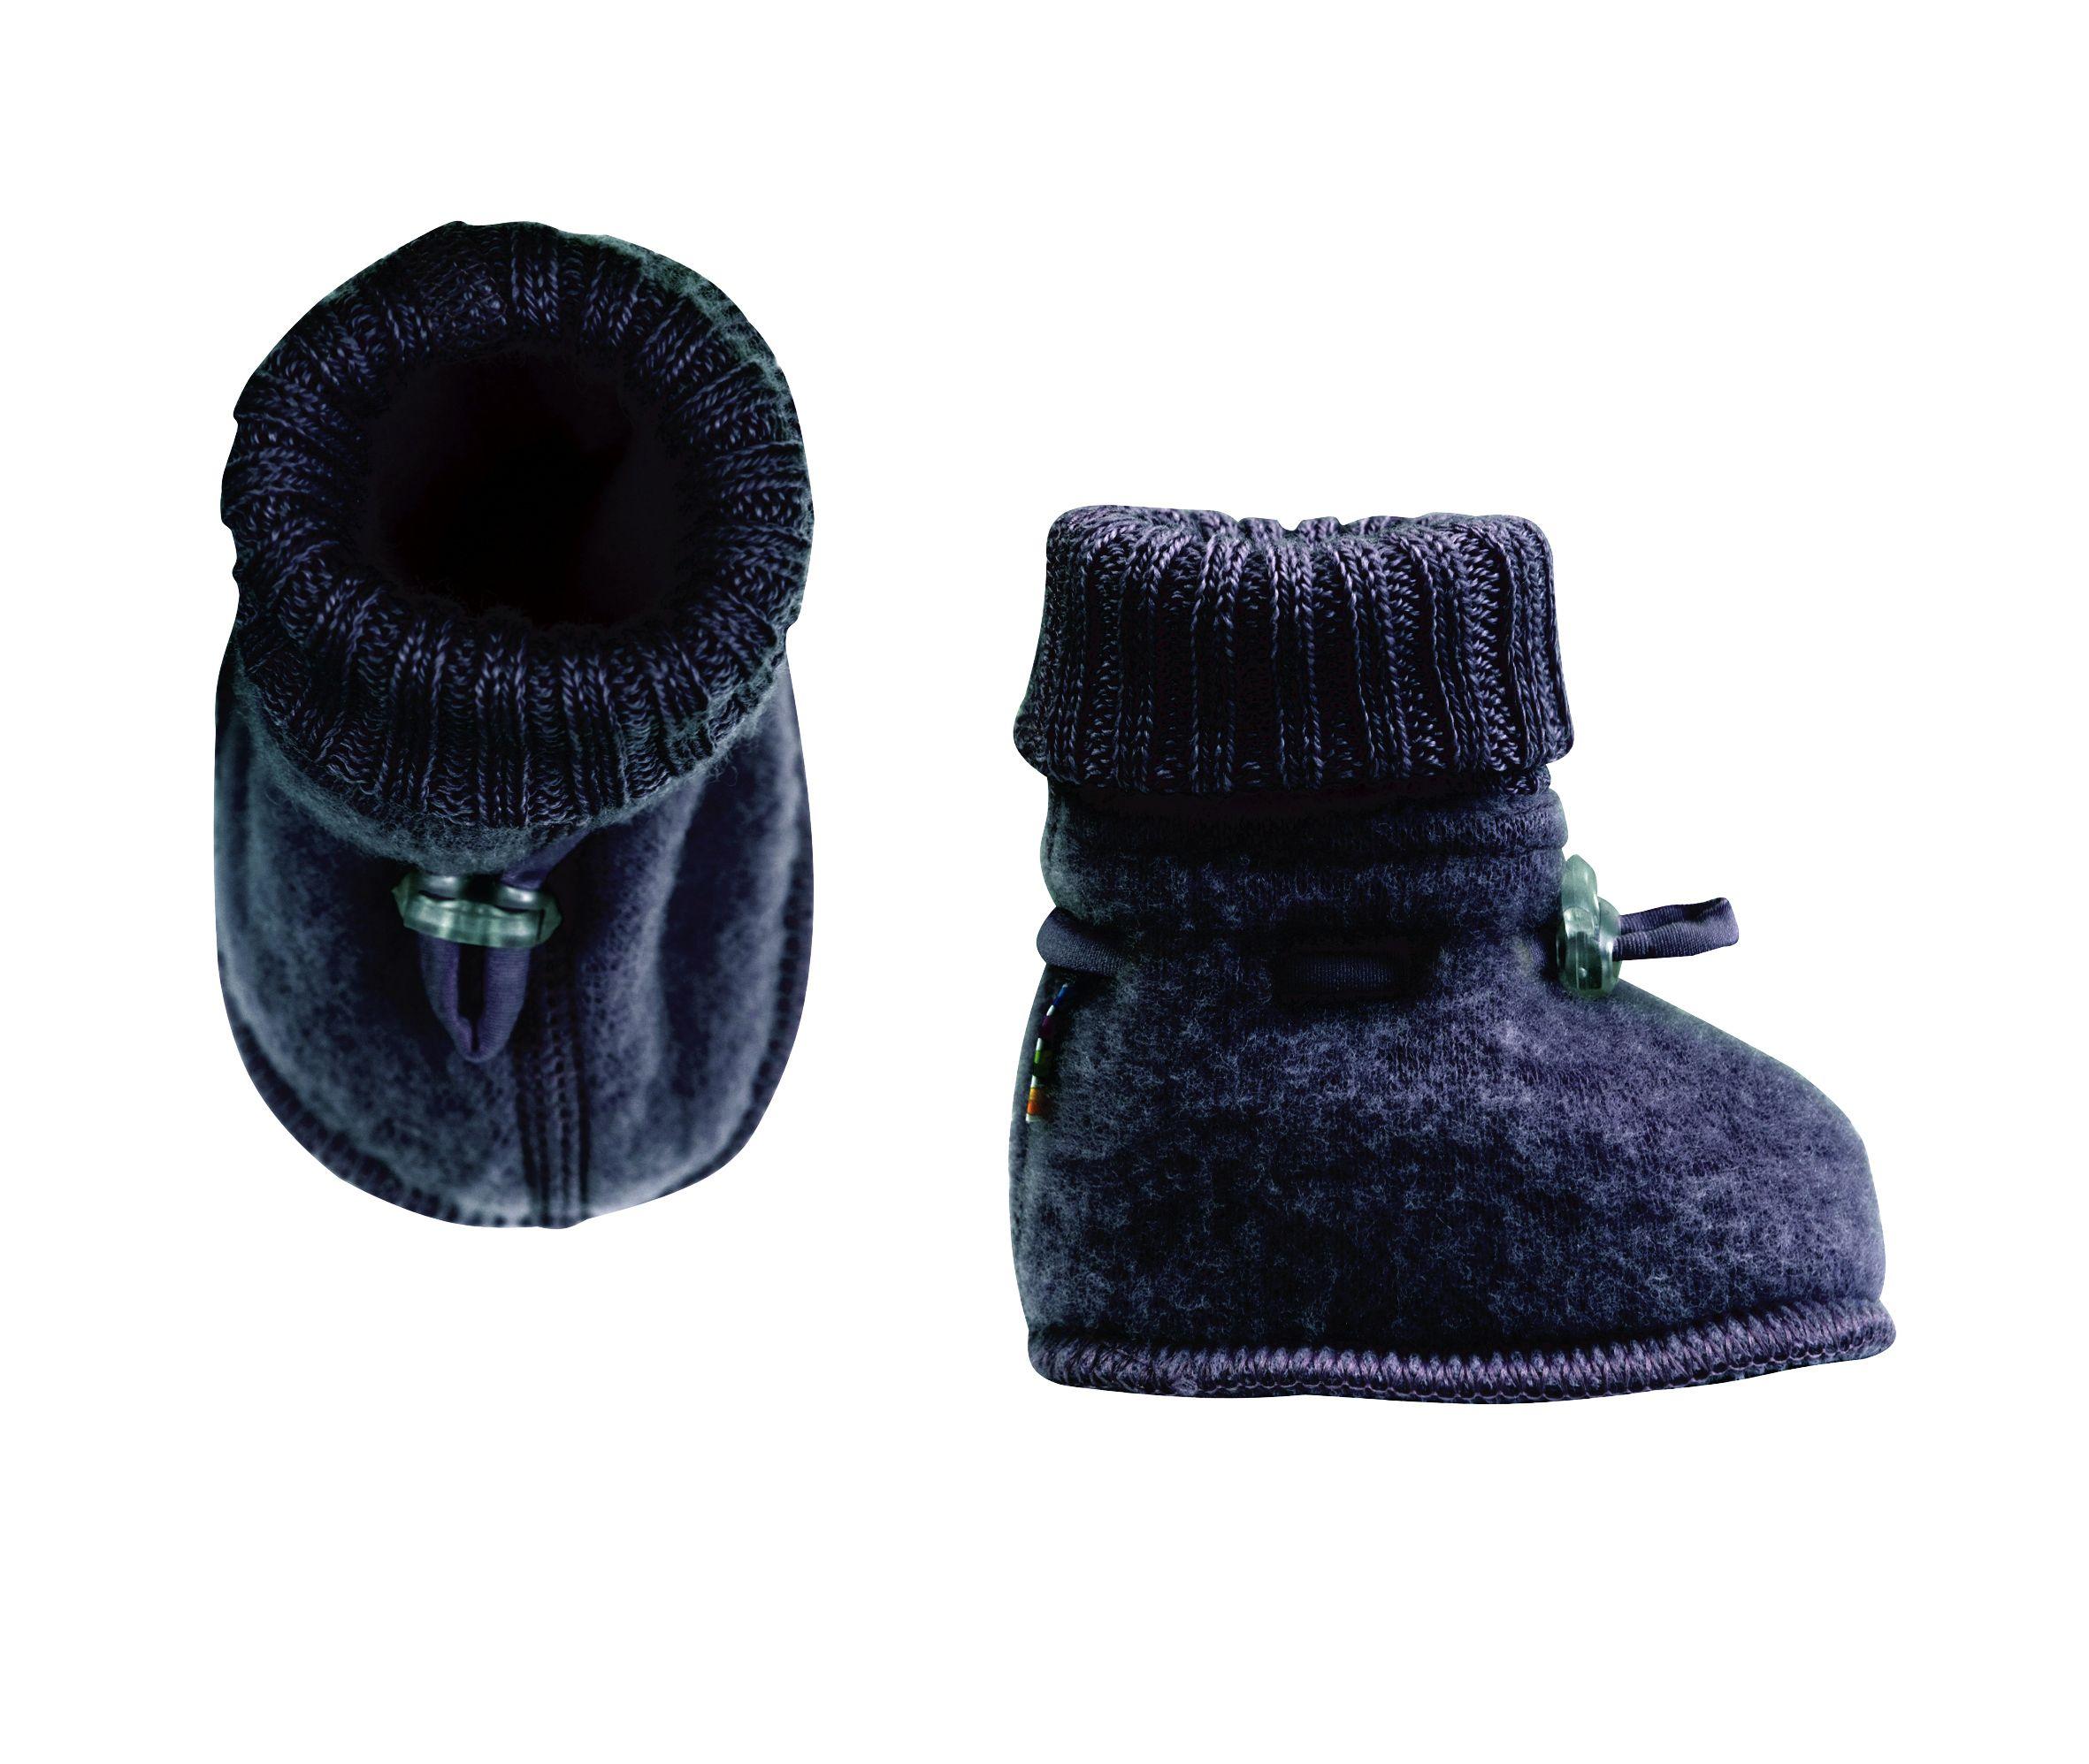 Image of Sove futter fra Joha i soft wool i Darkblue melange (97972-716-15603)